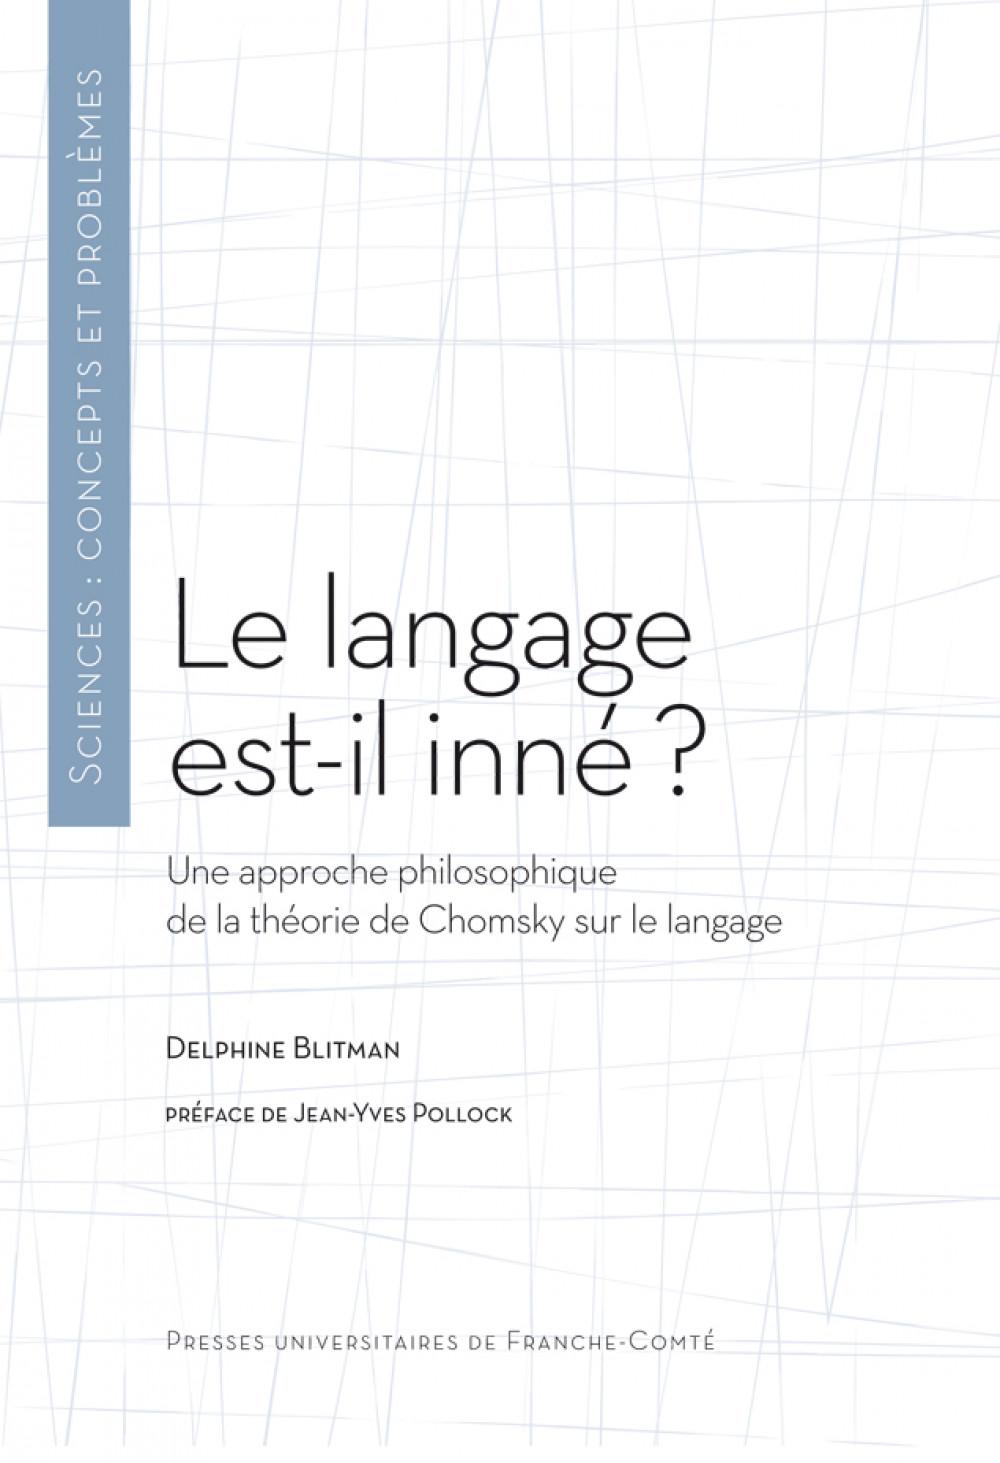 Le langage est-il inné ?